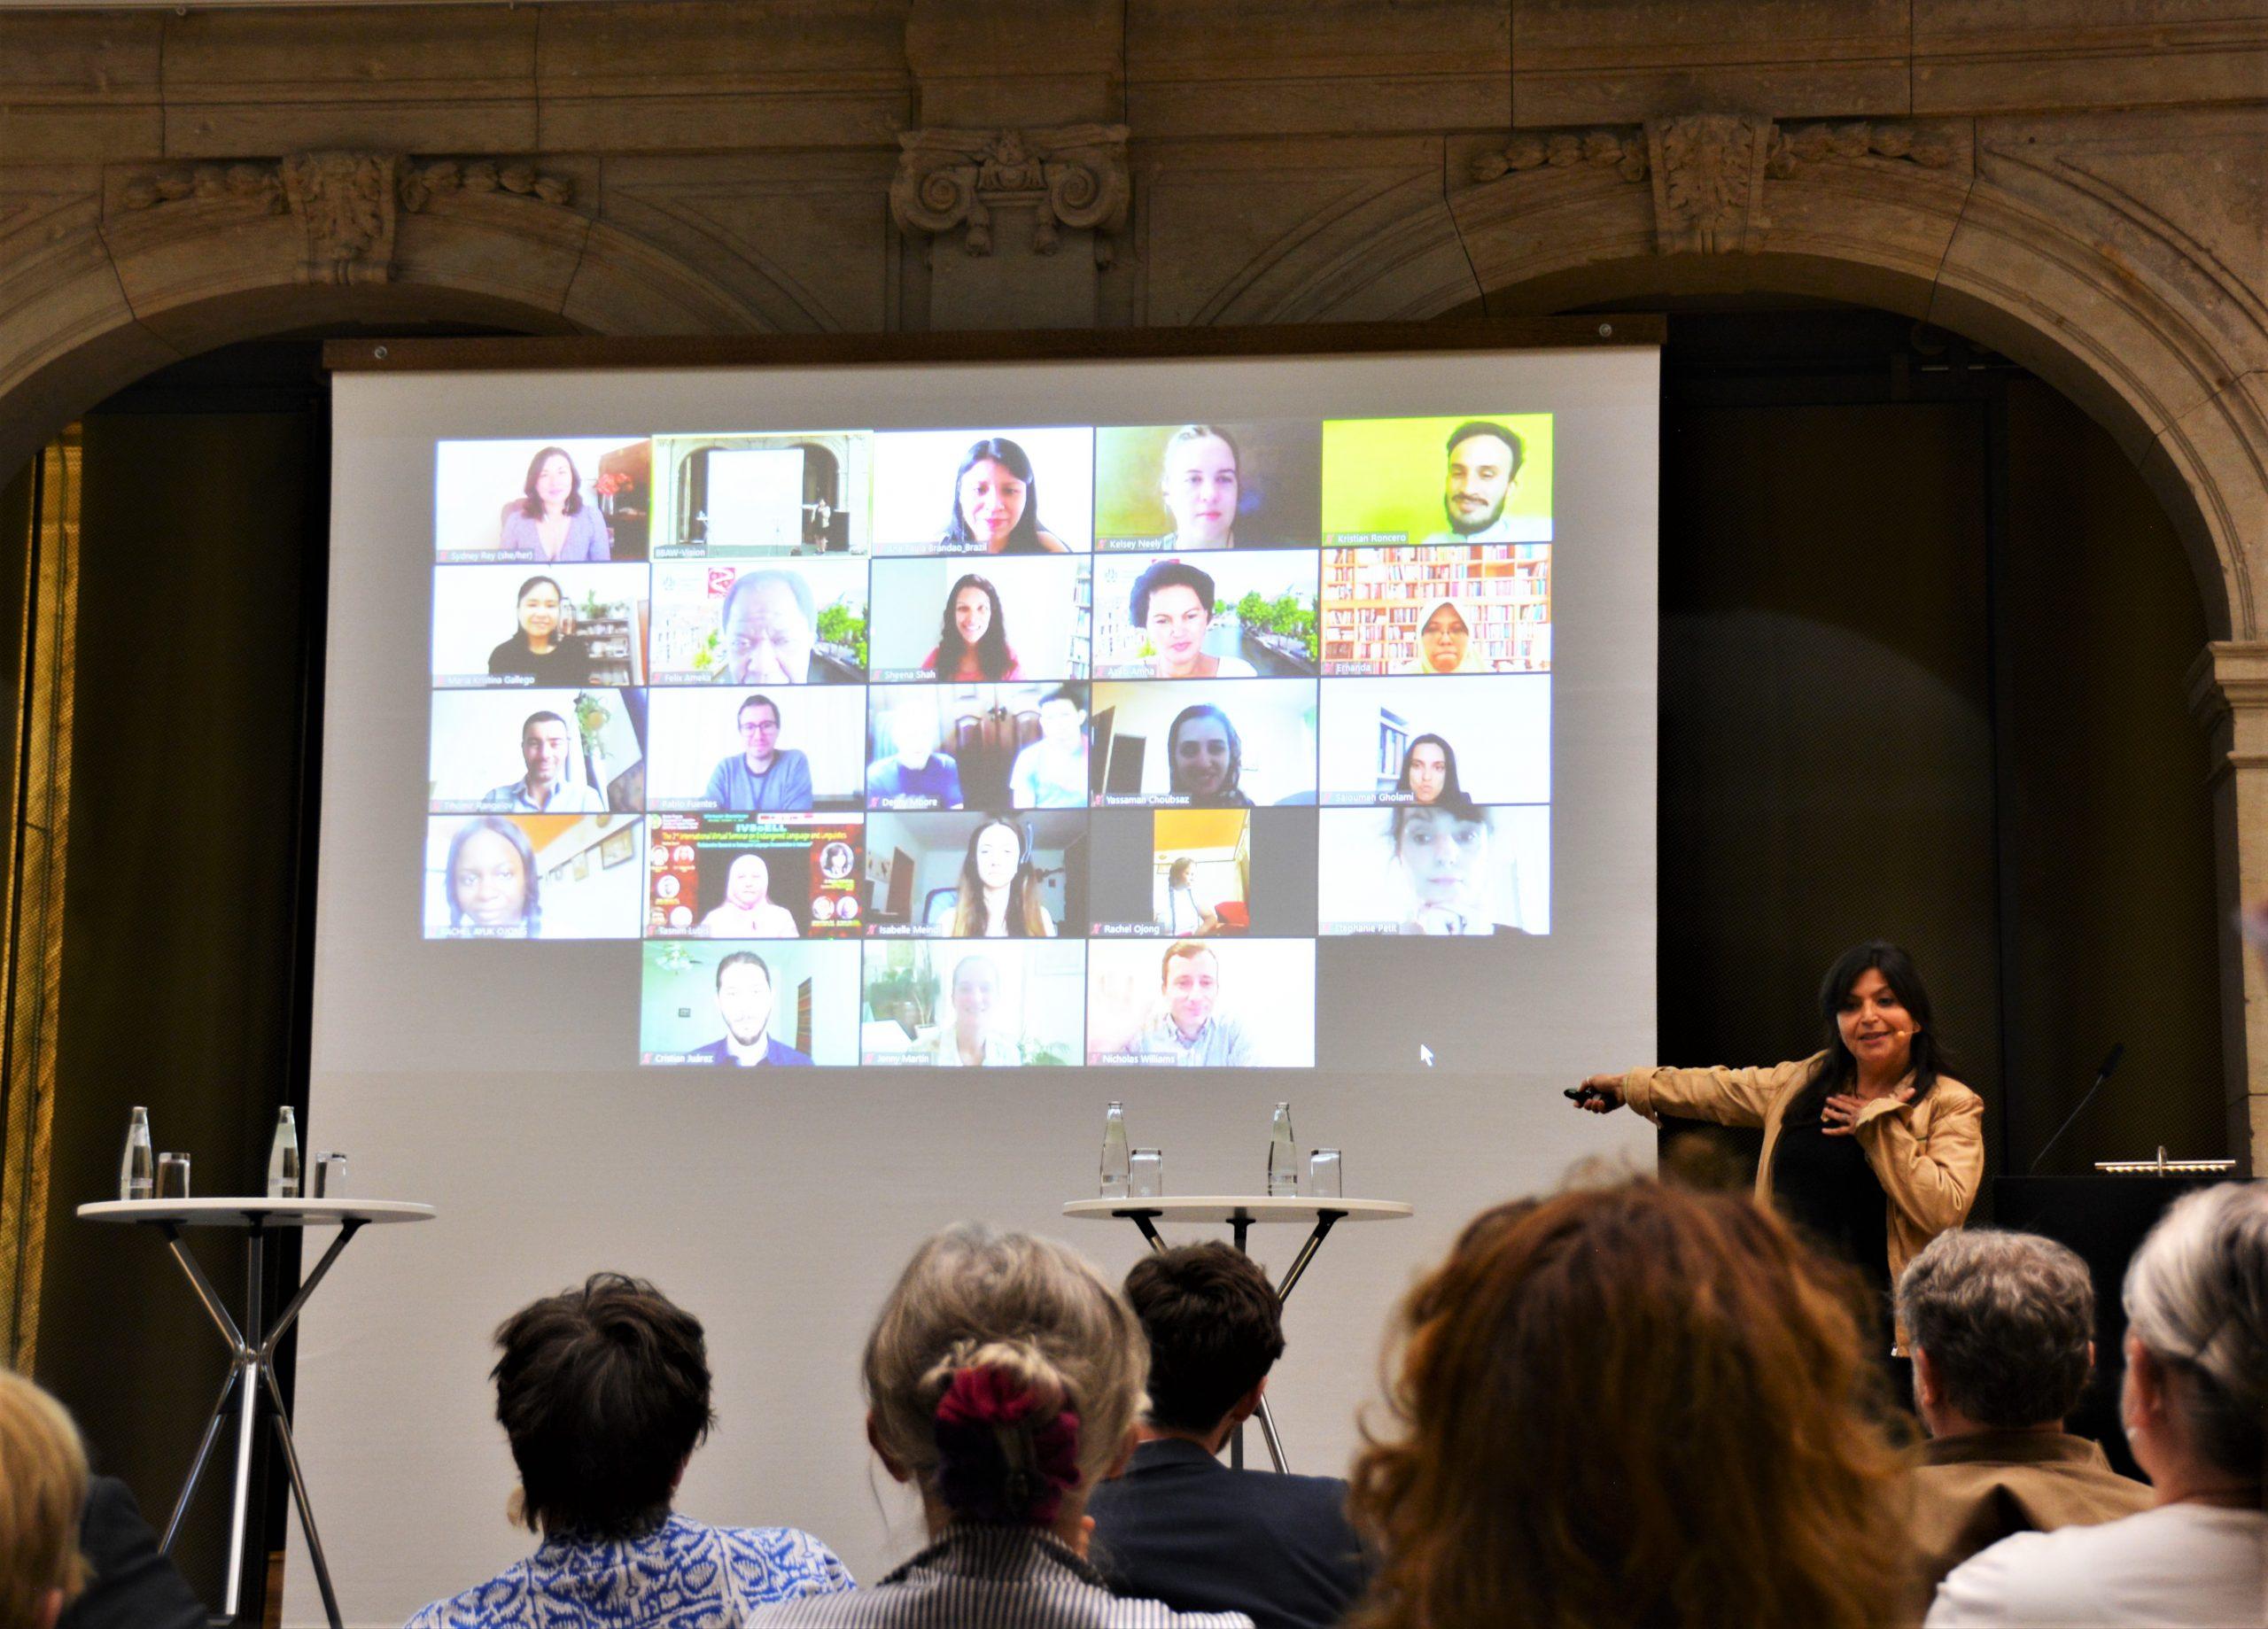 Opening Ceremony at BBAW – Festveranstaltung zur Eröffnung des Zentrums für die Dokumentation bedrohter Sprachen